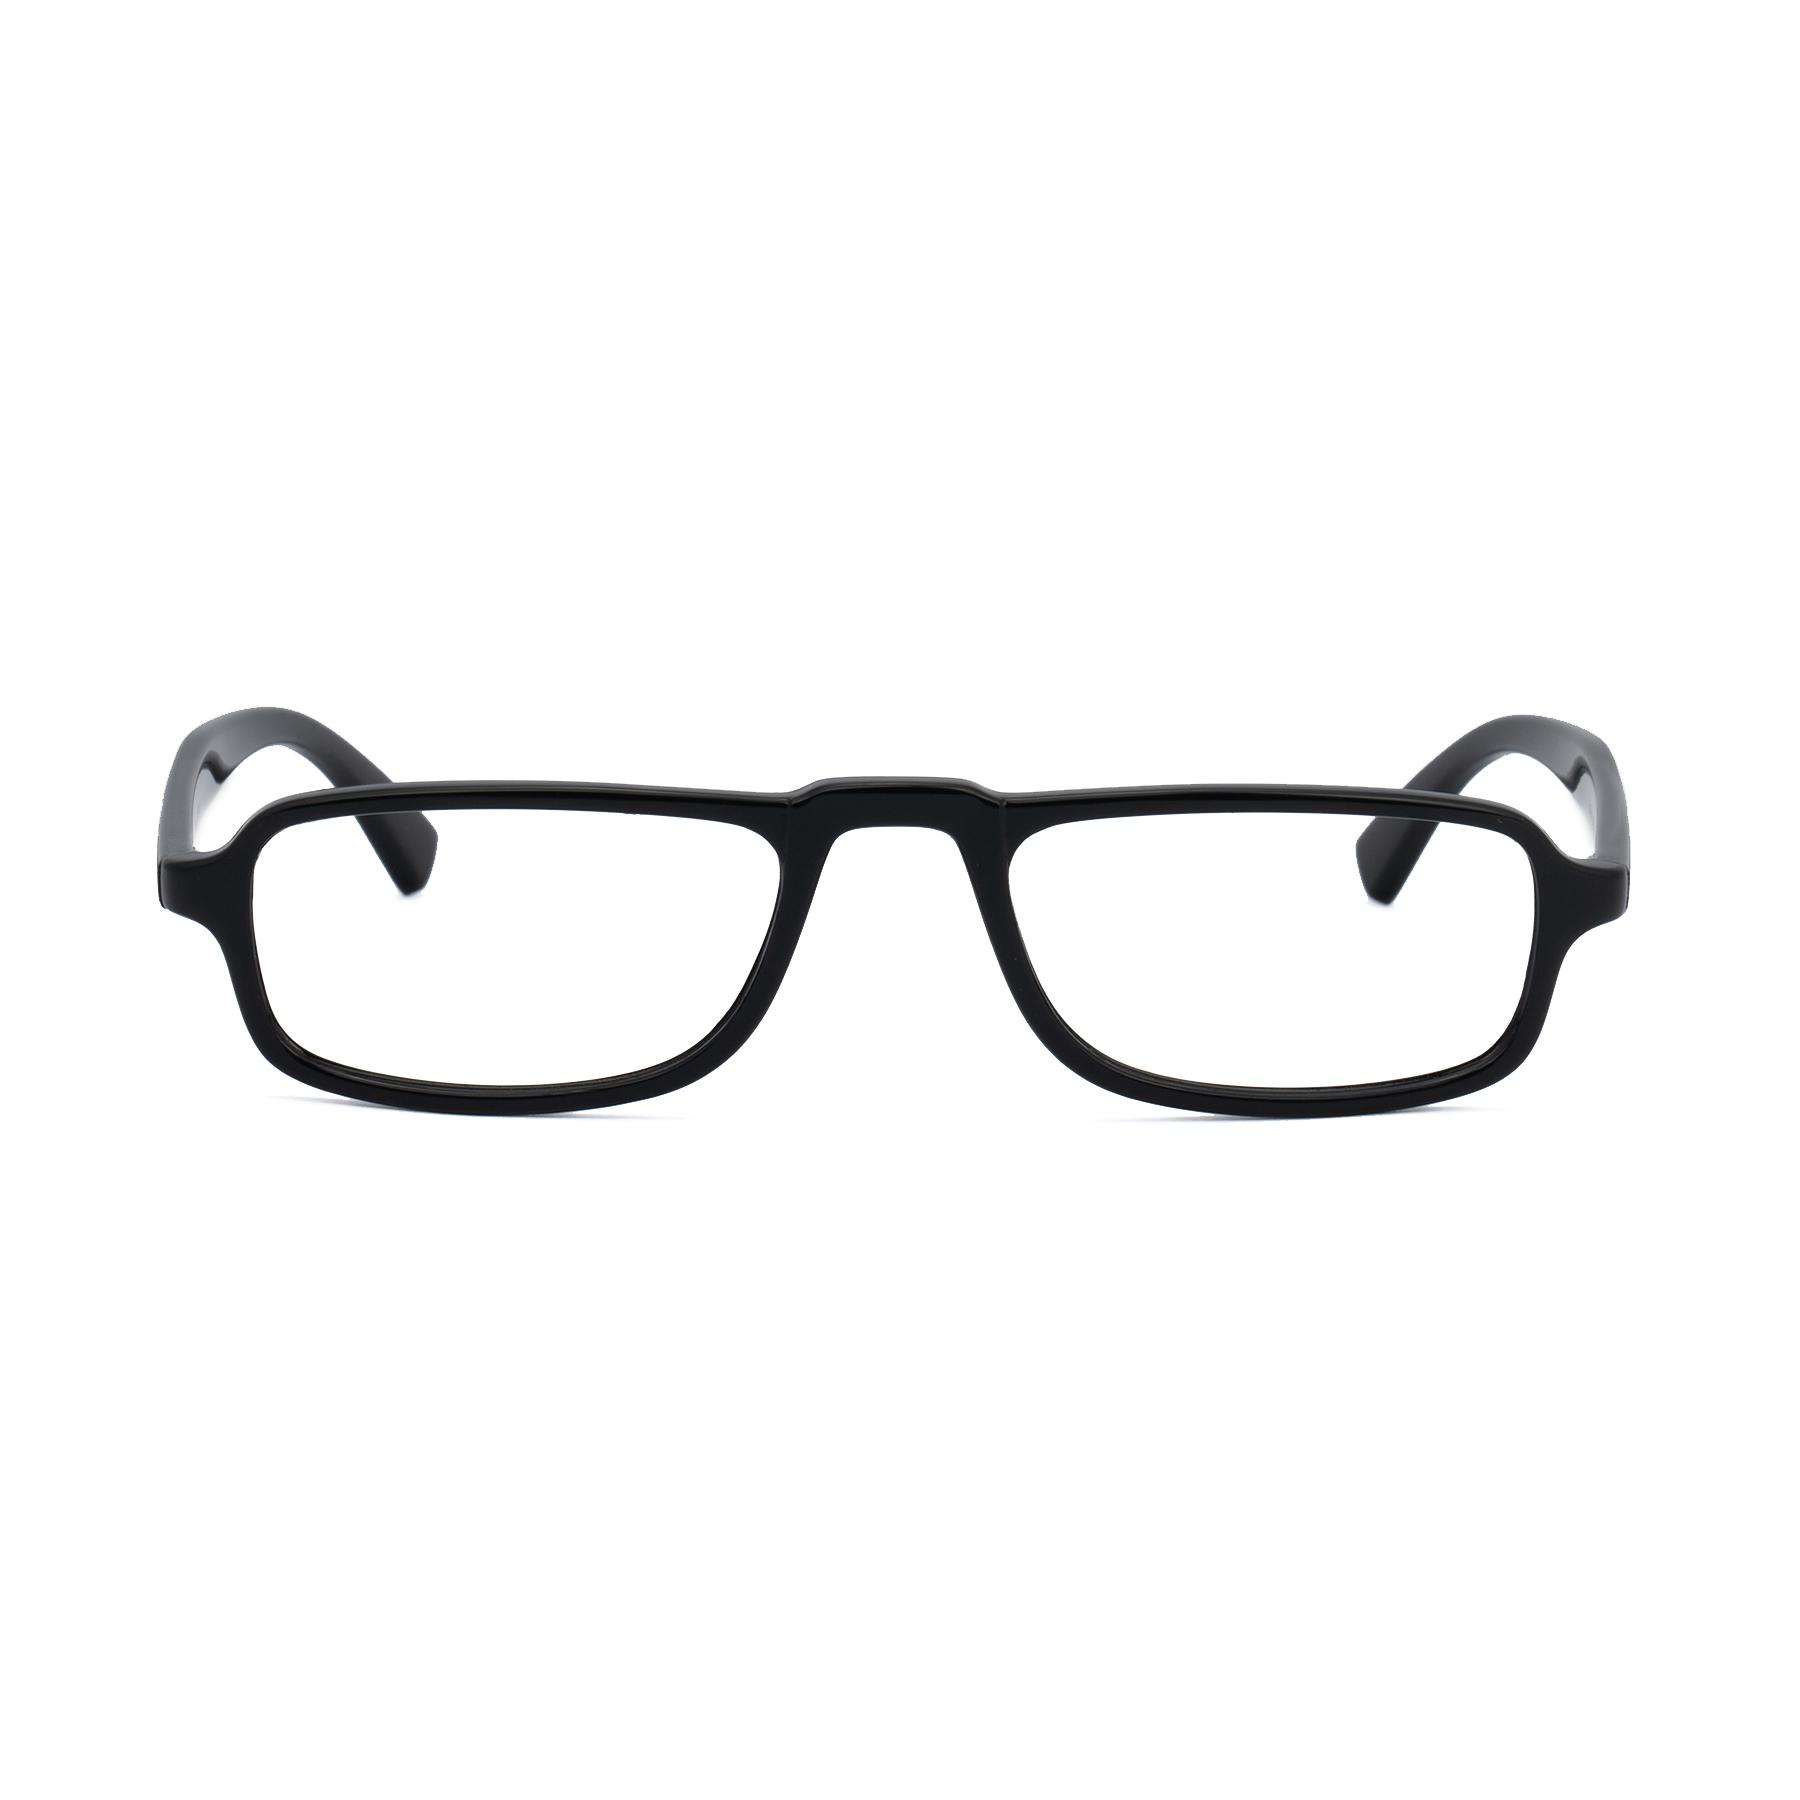 Vinaldi 2046 Gözlük Çerçevesi